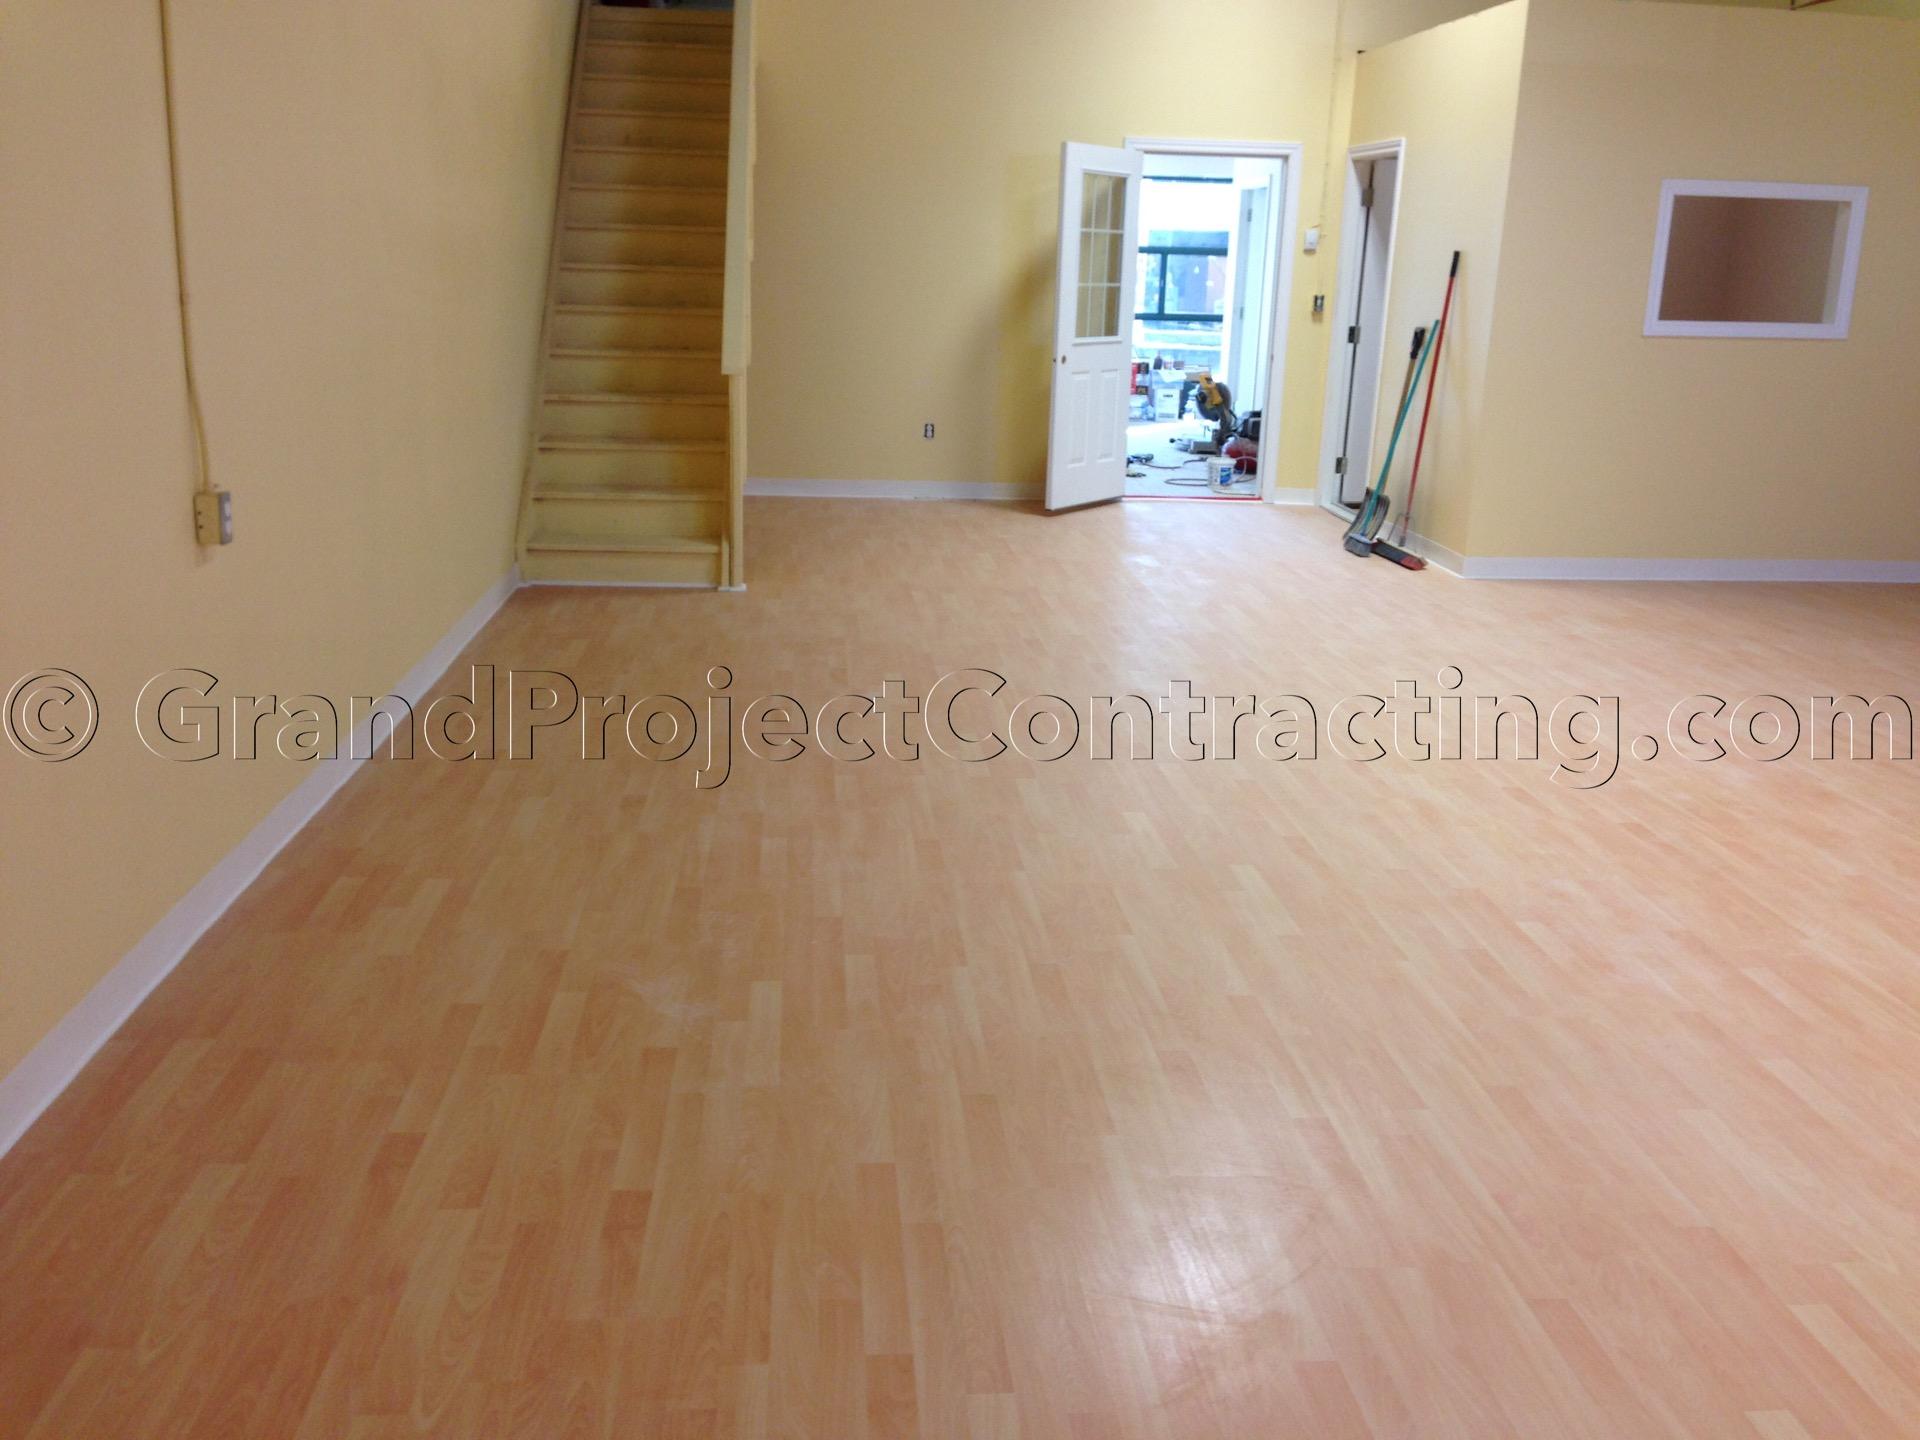 Commercial Laminate Floor Installation